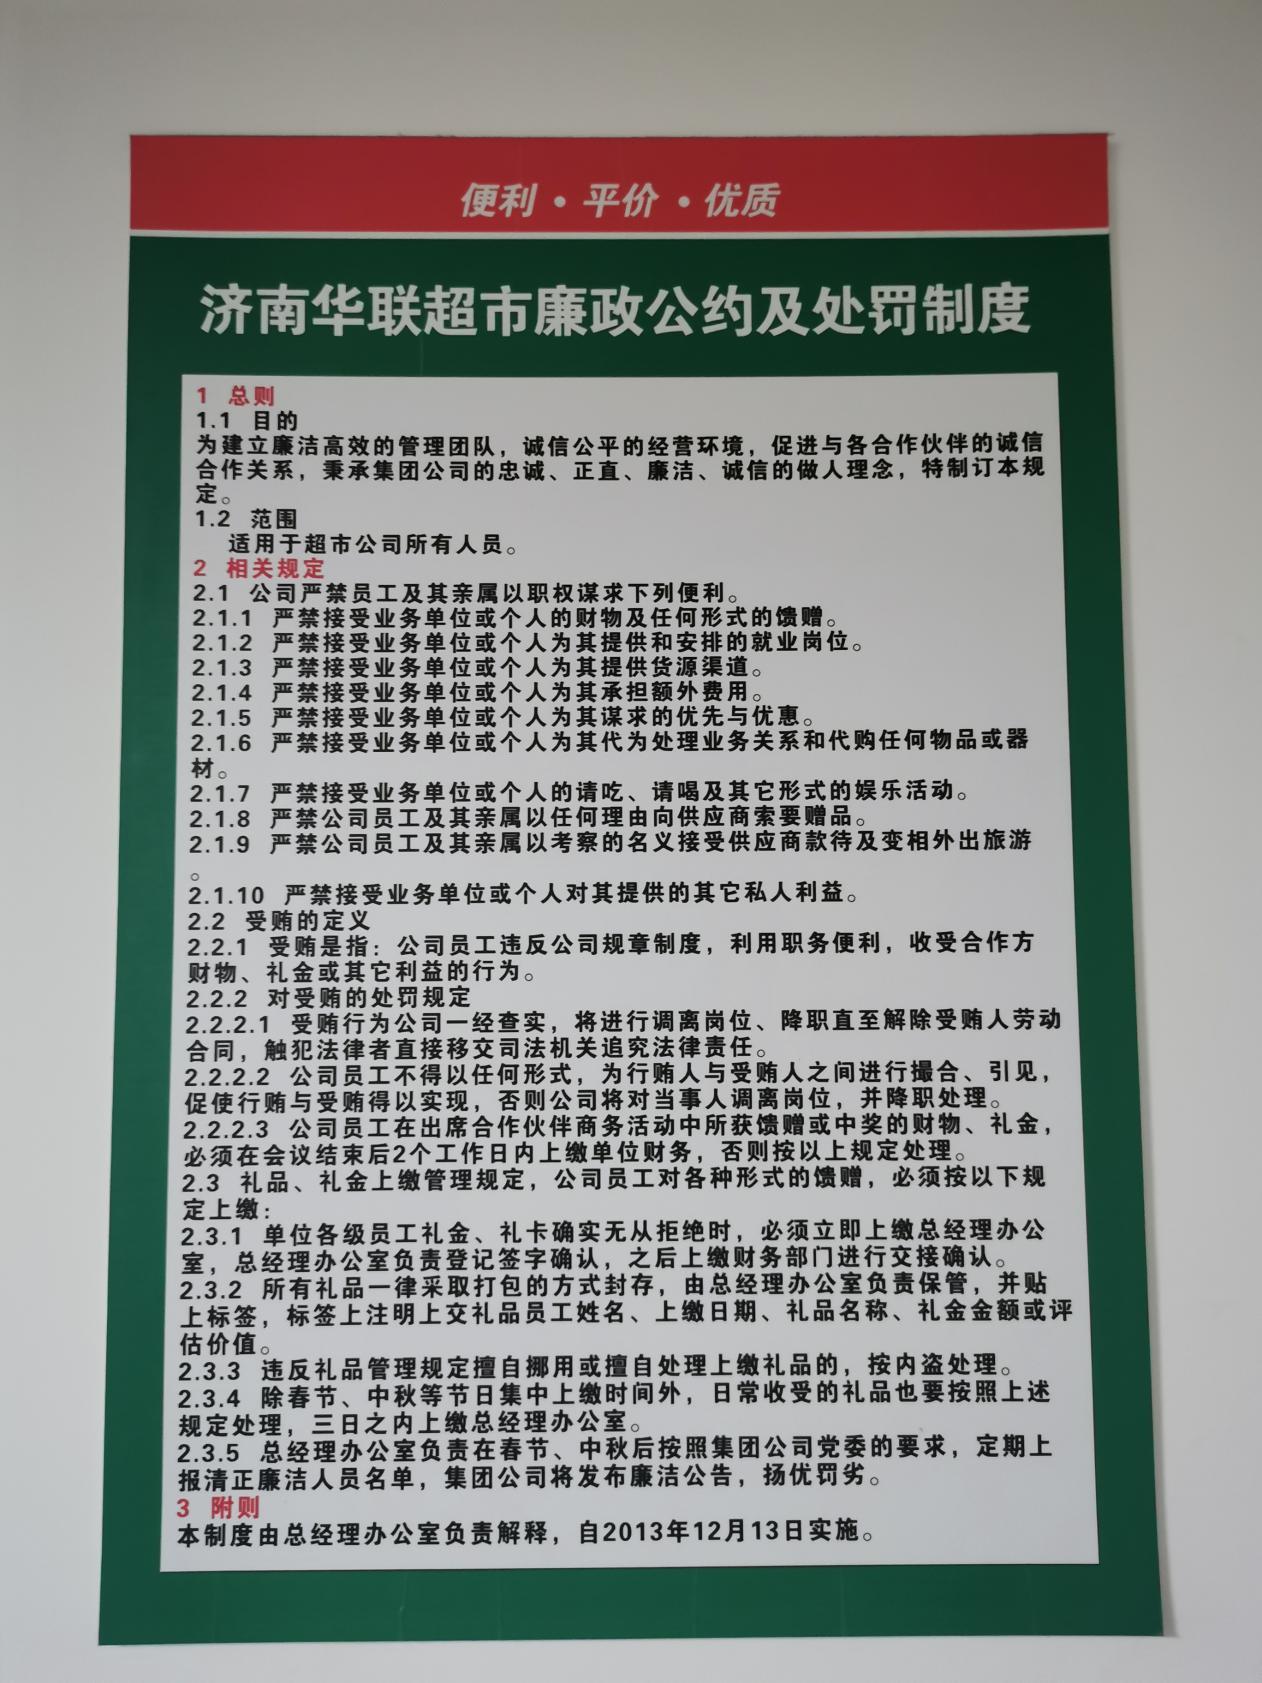 《濟南華聯超市廉政公約及處罰制度》